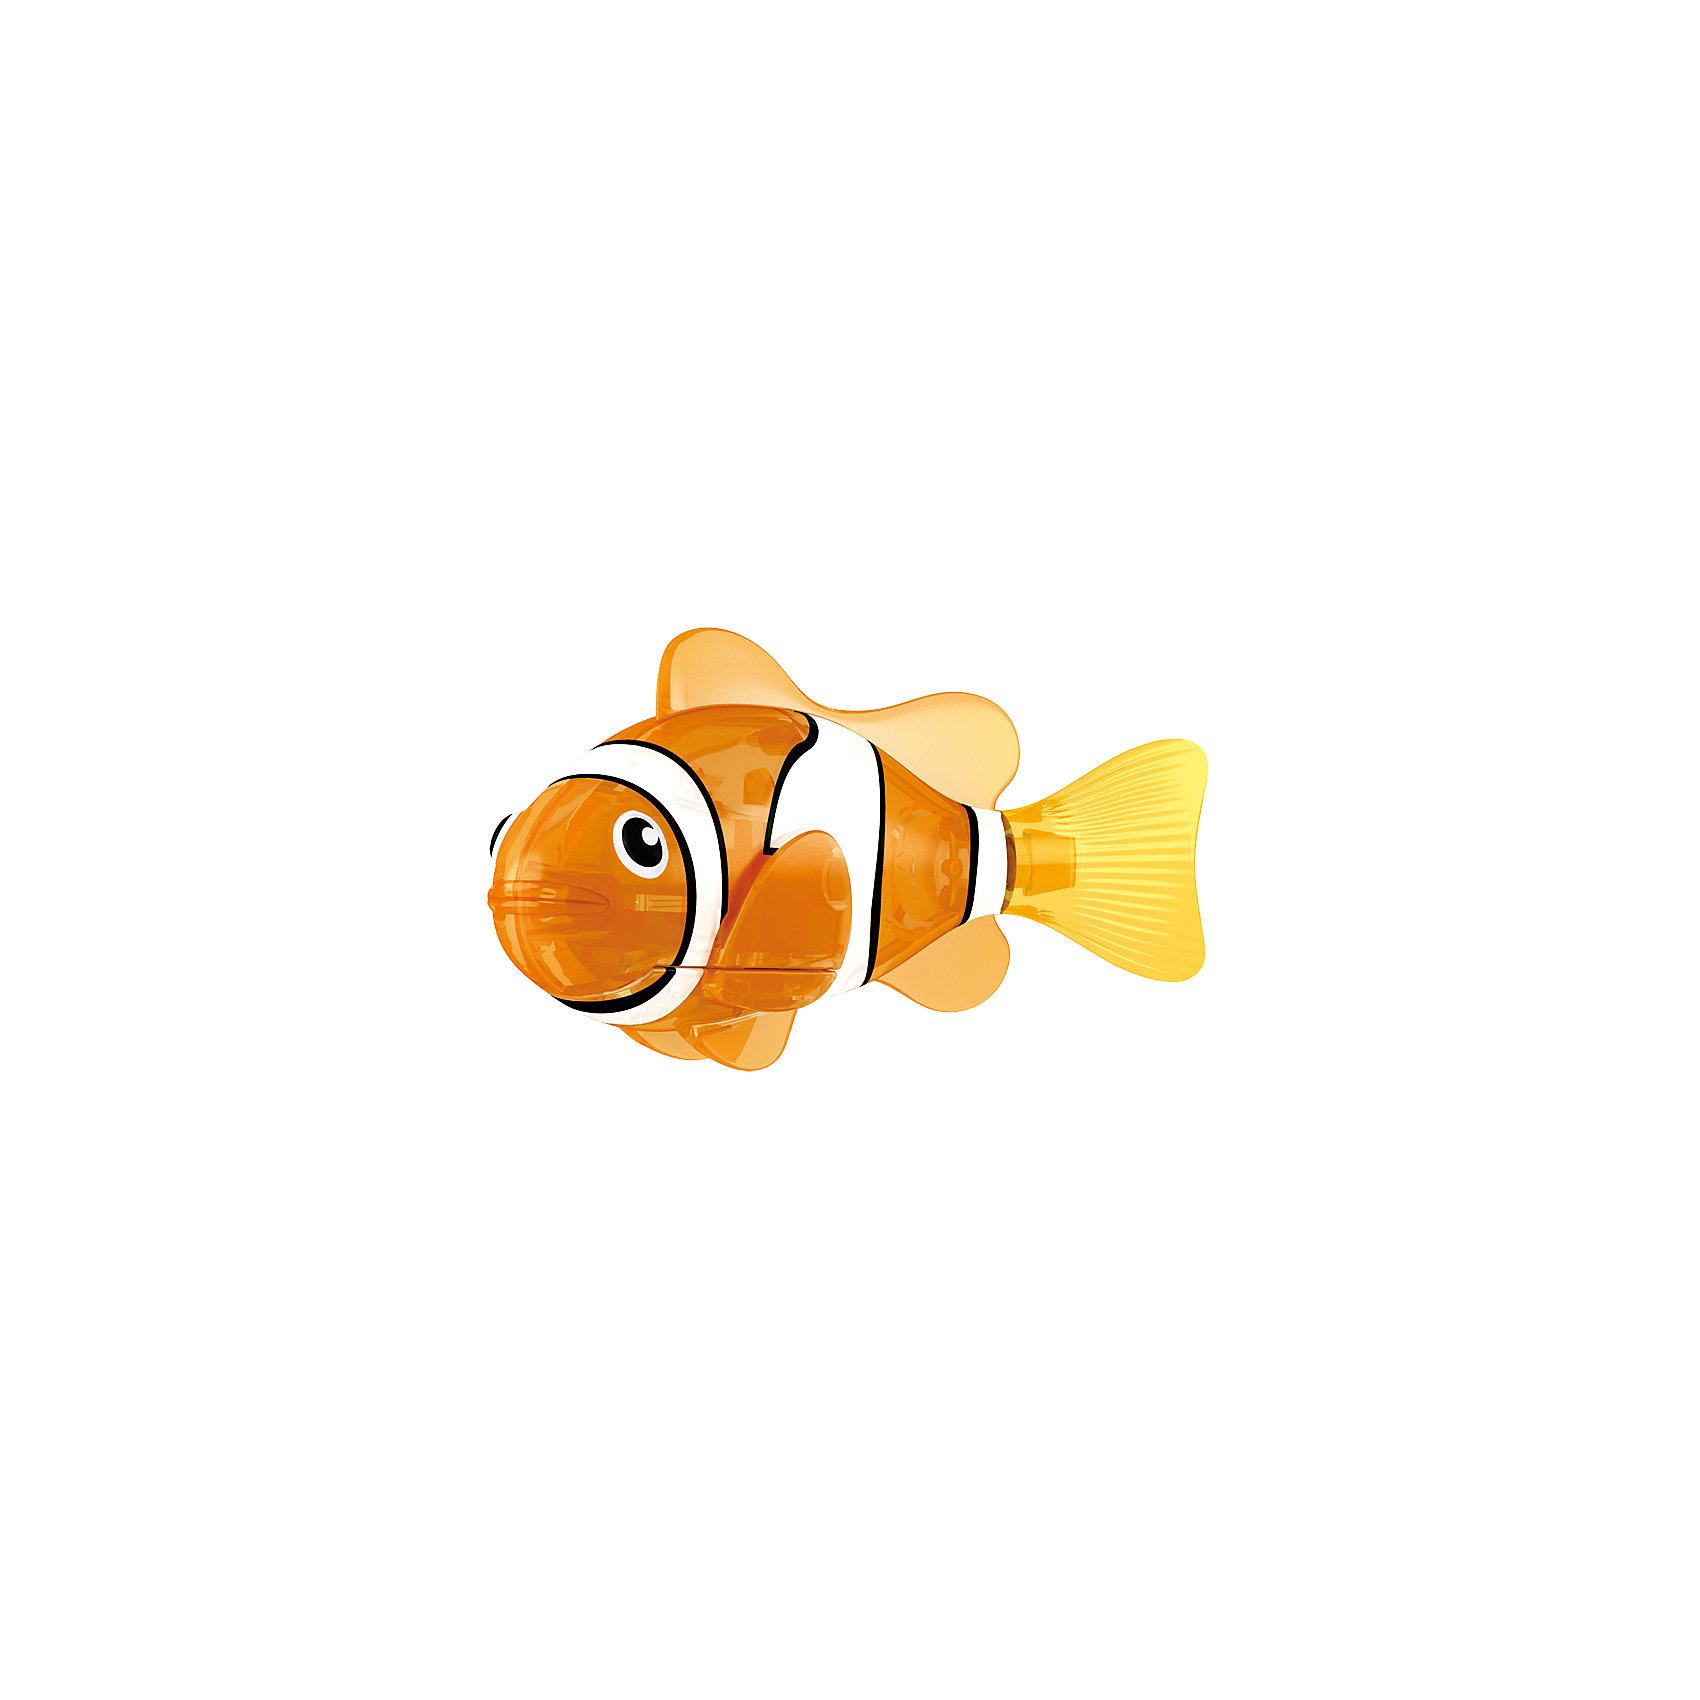 РобоРыбка светодиодная Красная Сирена, RoboFishРоборыбки и русалки<br>РобоРыбка светодиодная Красная Сирена, RoboFish (РобоФиш) - это инновационная рыбка, которая при соприкосновении с водой начинает не только плавать как живая, но и светиться.  <br><br>Благодаря встроенному светодиоду красного цвета, за рыбкой интересно наблюдать в темноте. Рыбок можно посадить в аквариум и любоваться ими, а можно запустить в ванной или бассейне и поплавать вместе с ними. Мягкий силиконовый хвост и электромагнитный мотор помогают ей двигаться в 5 различных направлениях. Игрушка плавает в воде в течение 4-4,5 минут, после чего ее можно вынуть из воды, и снова опустить в воду, чтобы рыбка заработала снова.<br><br>Комплектация: РобоРыбка, 4 батарейки, подставка<br><br>Дополнительная информация:<br><br>-Длина игрушки: около 7 см, высота: 3,5 см   <br>-Работает от 2х батареек типа А76 или RL44 (есть в комплекте 4 шт.)<br>-Материалы: силикон, пластмасса<br><br>Не знаете чем удивить своего ребенка? Подарите ему светящуюся РобоРыбку! РобоРыбки не только плавают в воде, но и светятся!<br><br>РобоРыбку светодиодную Красная Сирена, RoboFish (РобоФиш) можно купить в нашем магазине.<br><br>Ширина мм: 60<br>Глубина мм: 200<br>Высота мм: 50<br>Вес г: 90<br>Возраст от месяцев: 60<br>Возраст до месяцев: 144<br>Пол: Унисекс<br>Возраст: Детский<br>SKU: 3544547